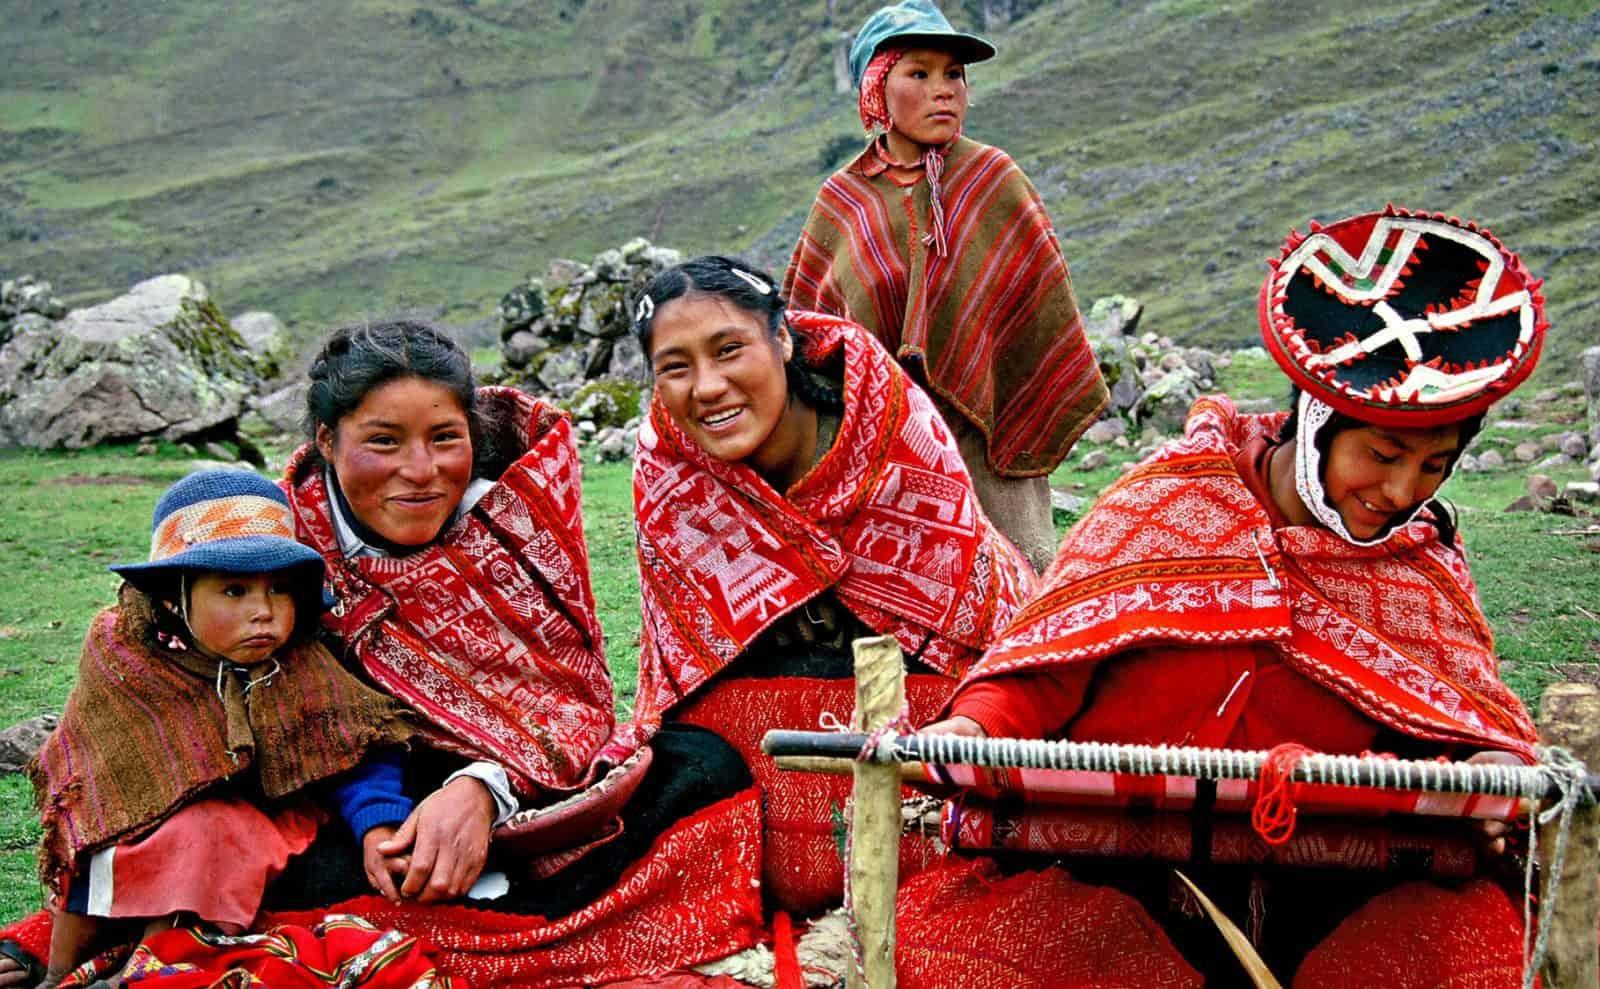 Peruanische Bevölkerung